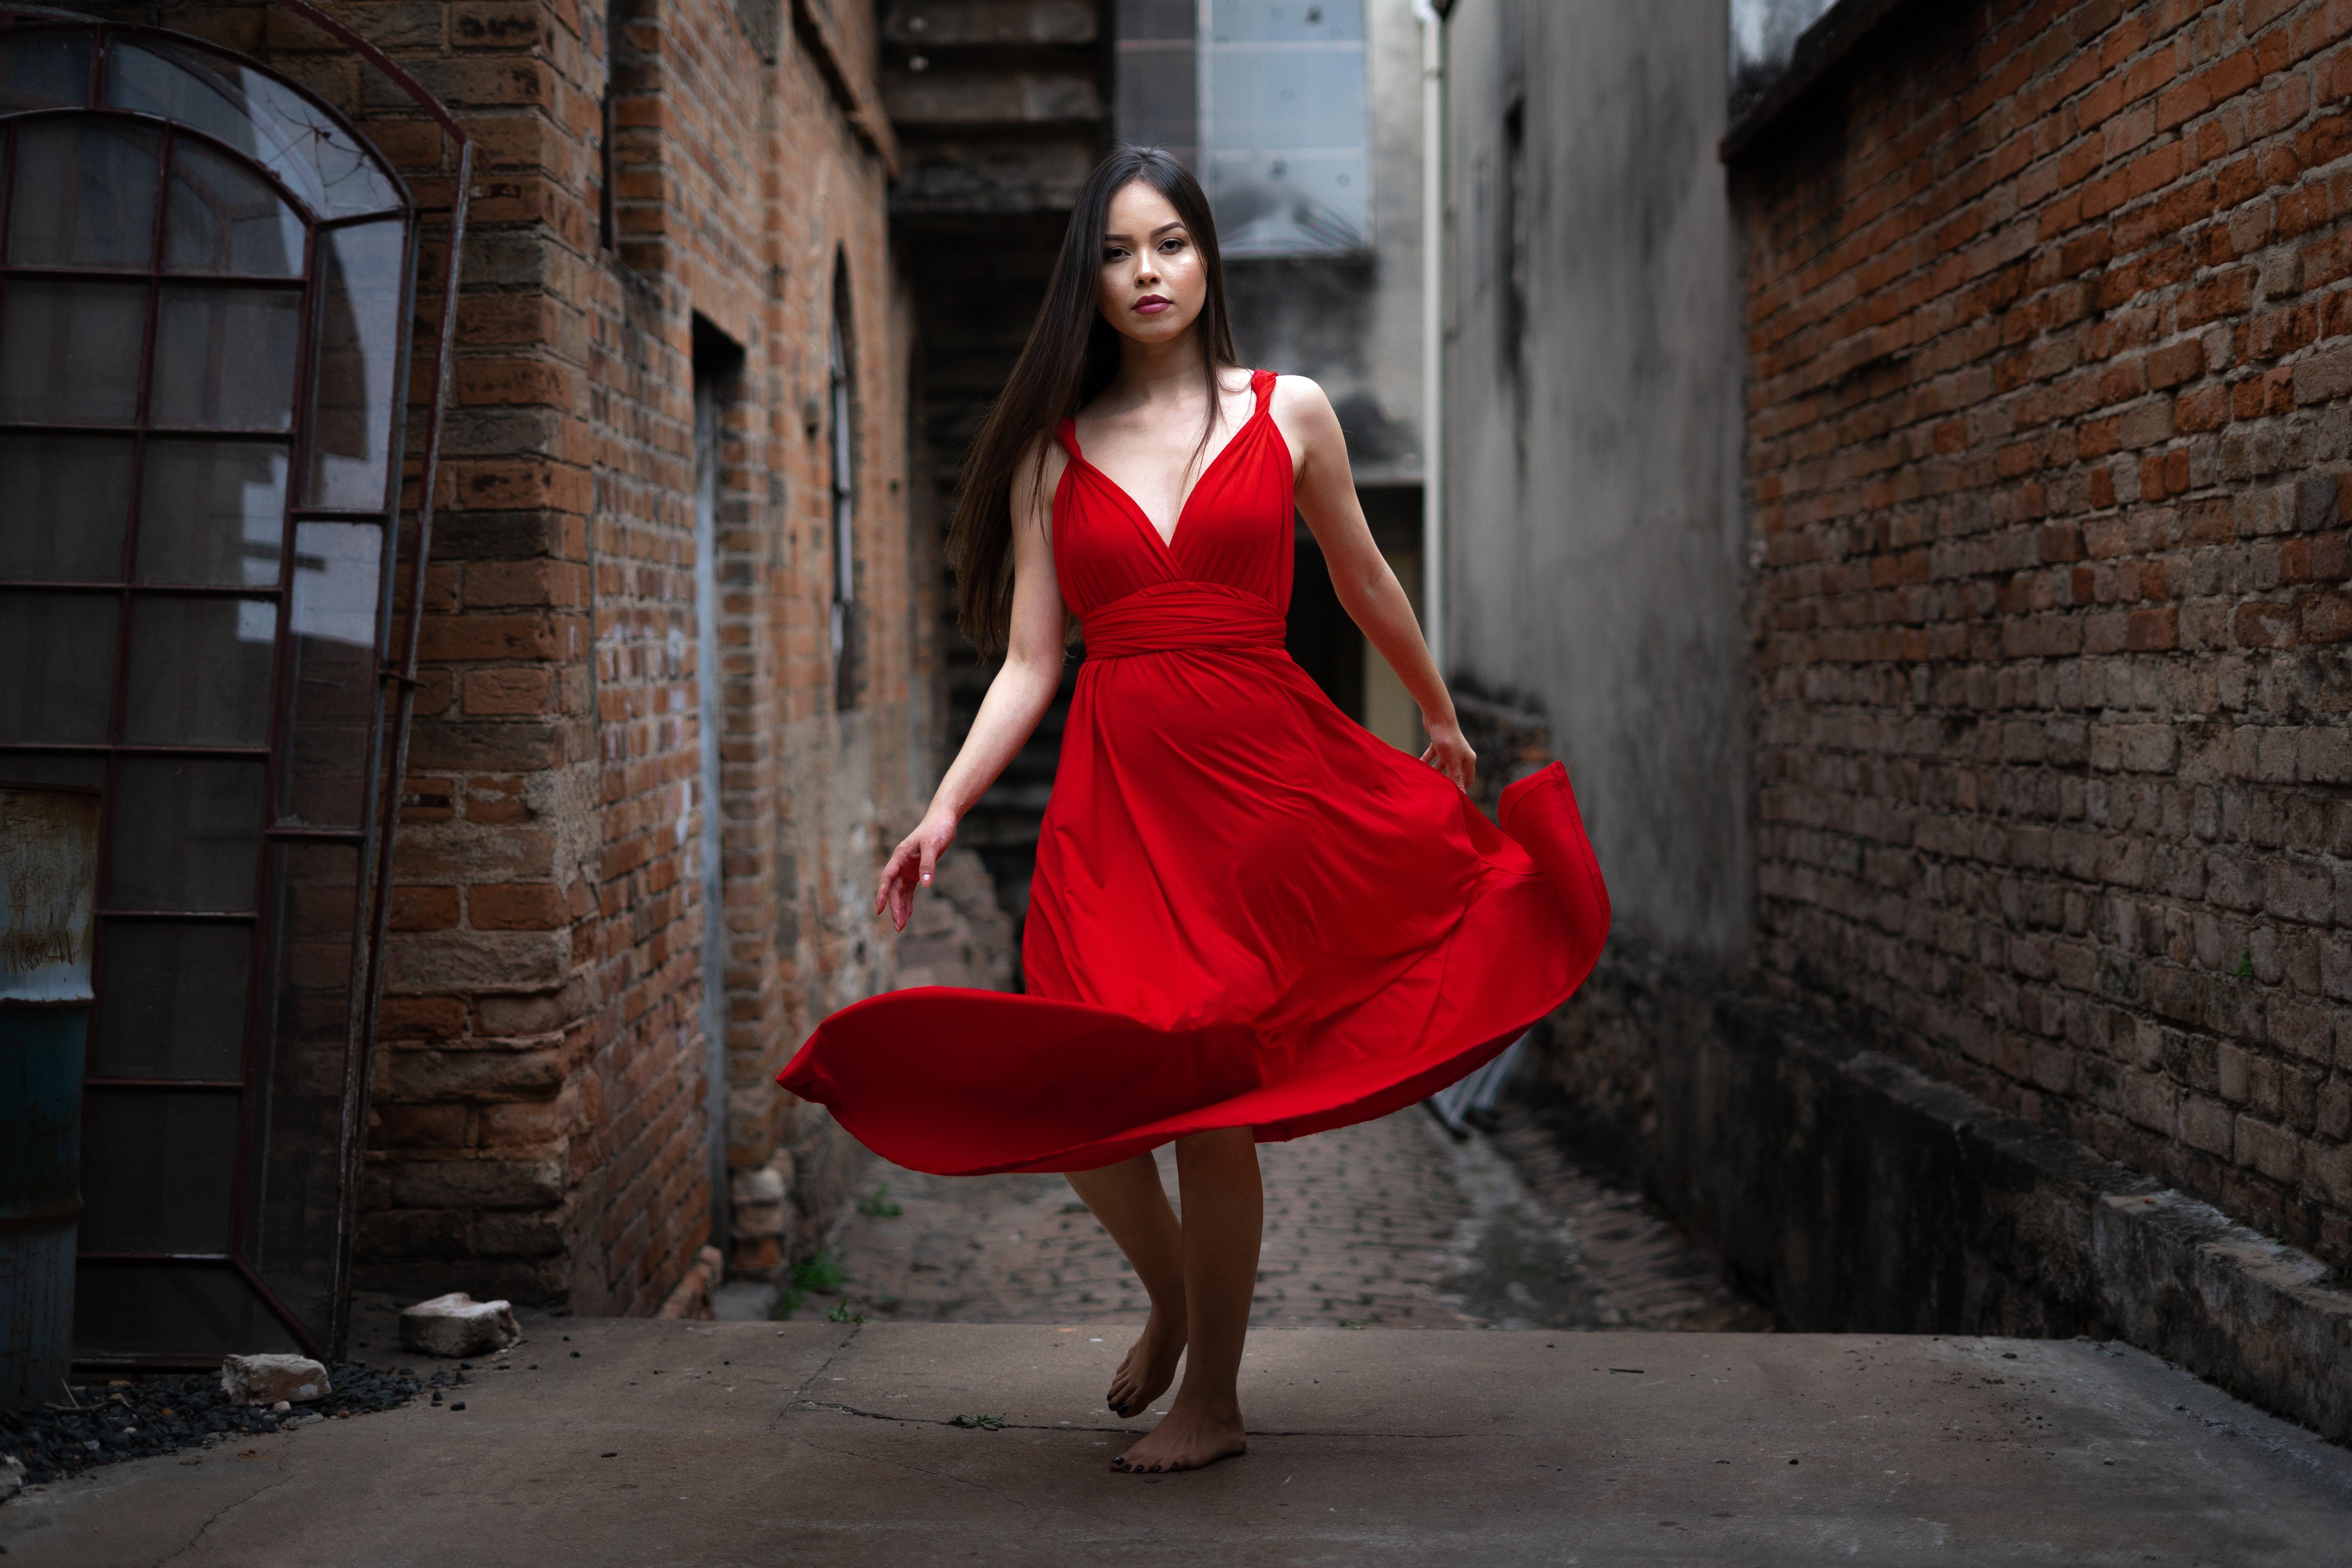 Gratis lagerfoto af ansigtsudtryk, asiatisk kvinde, asiatisk person, Asiatisk pige